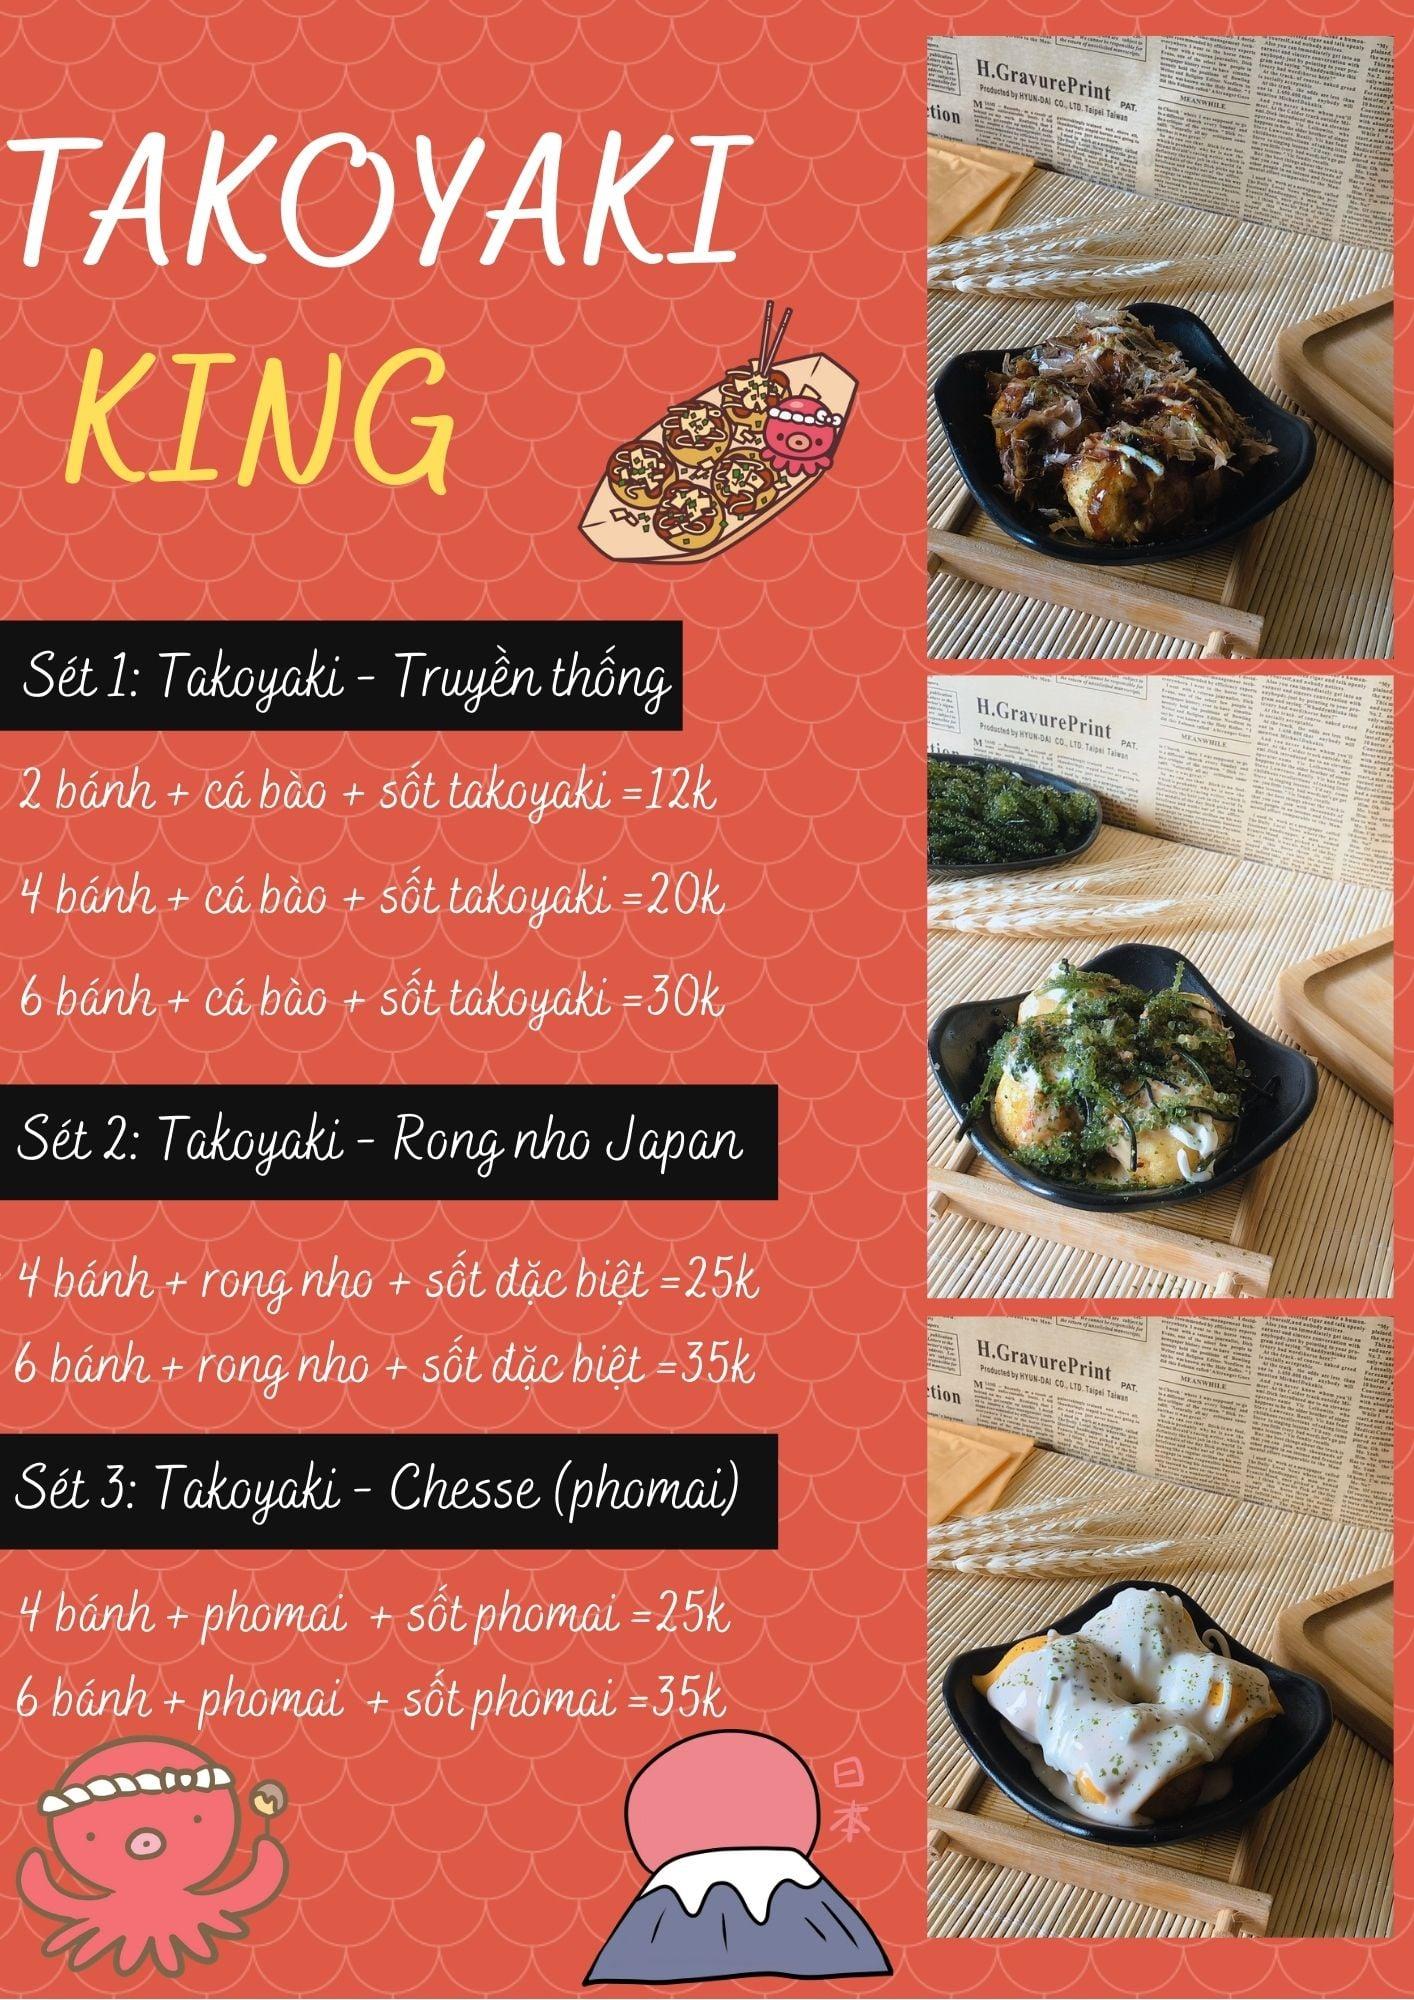 king takoyaki ha noi